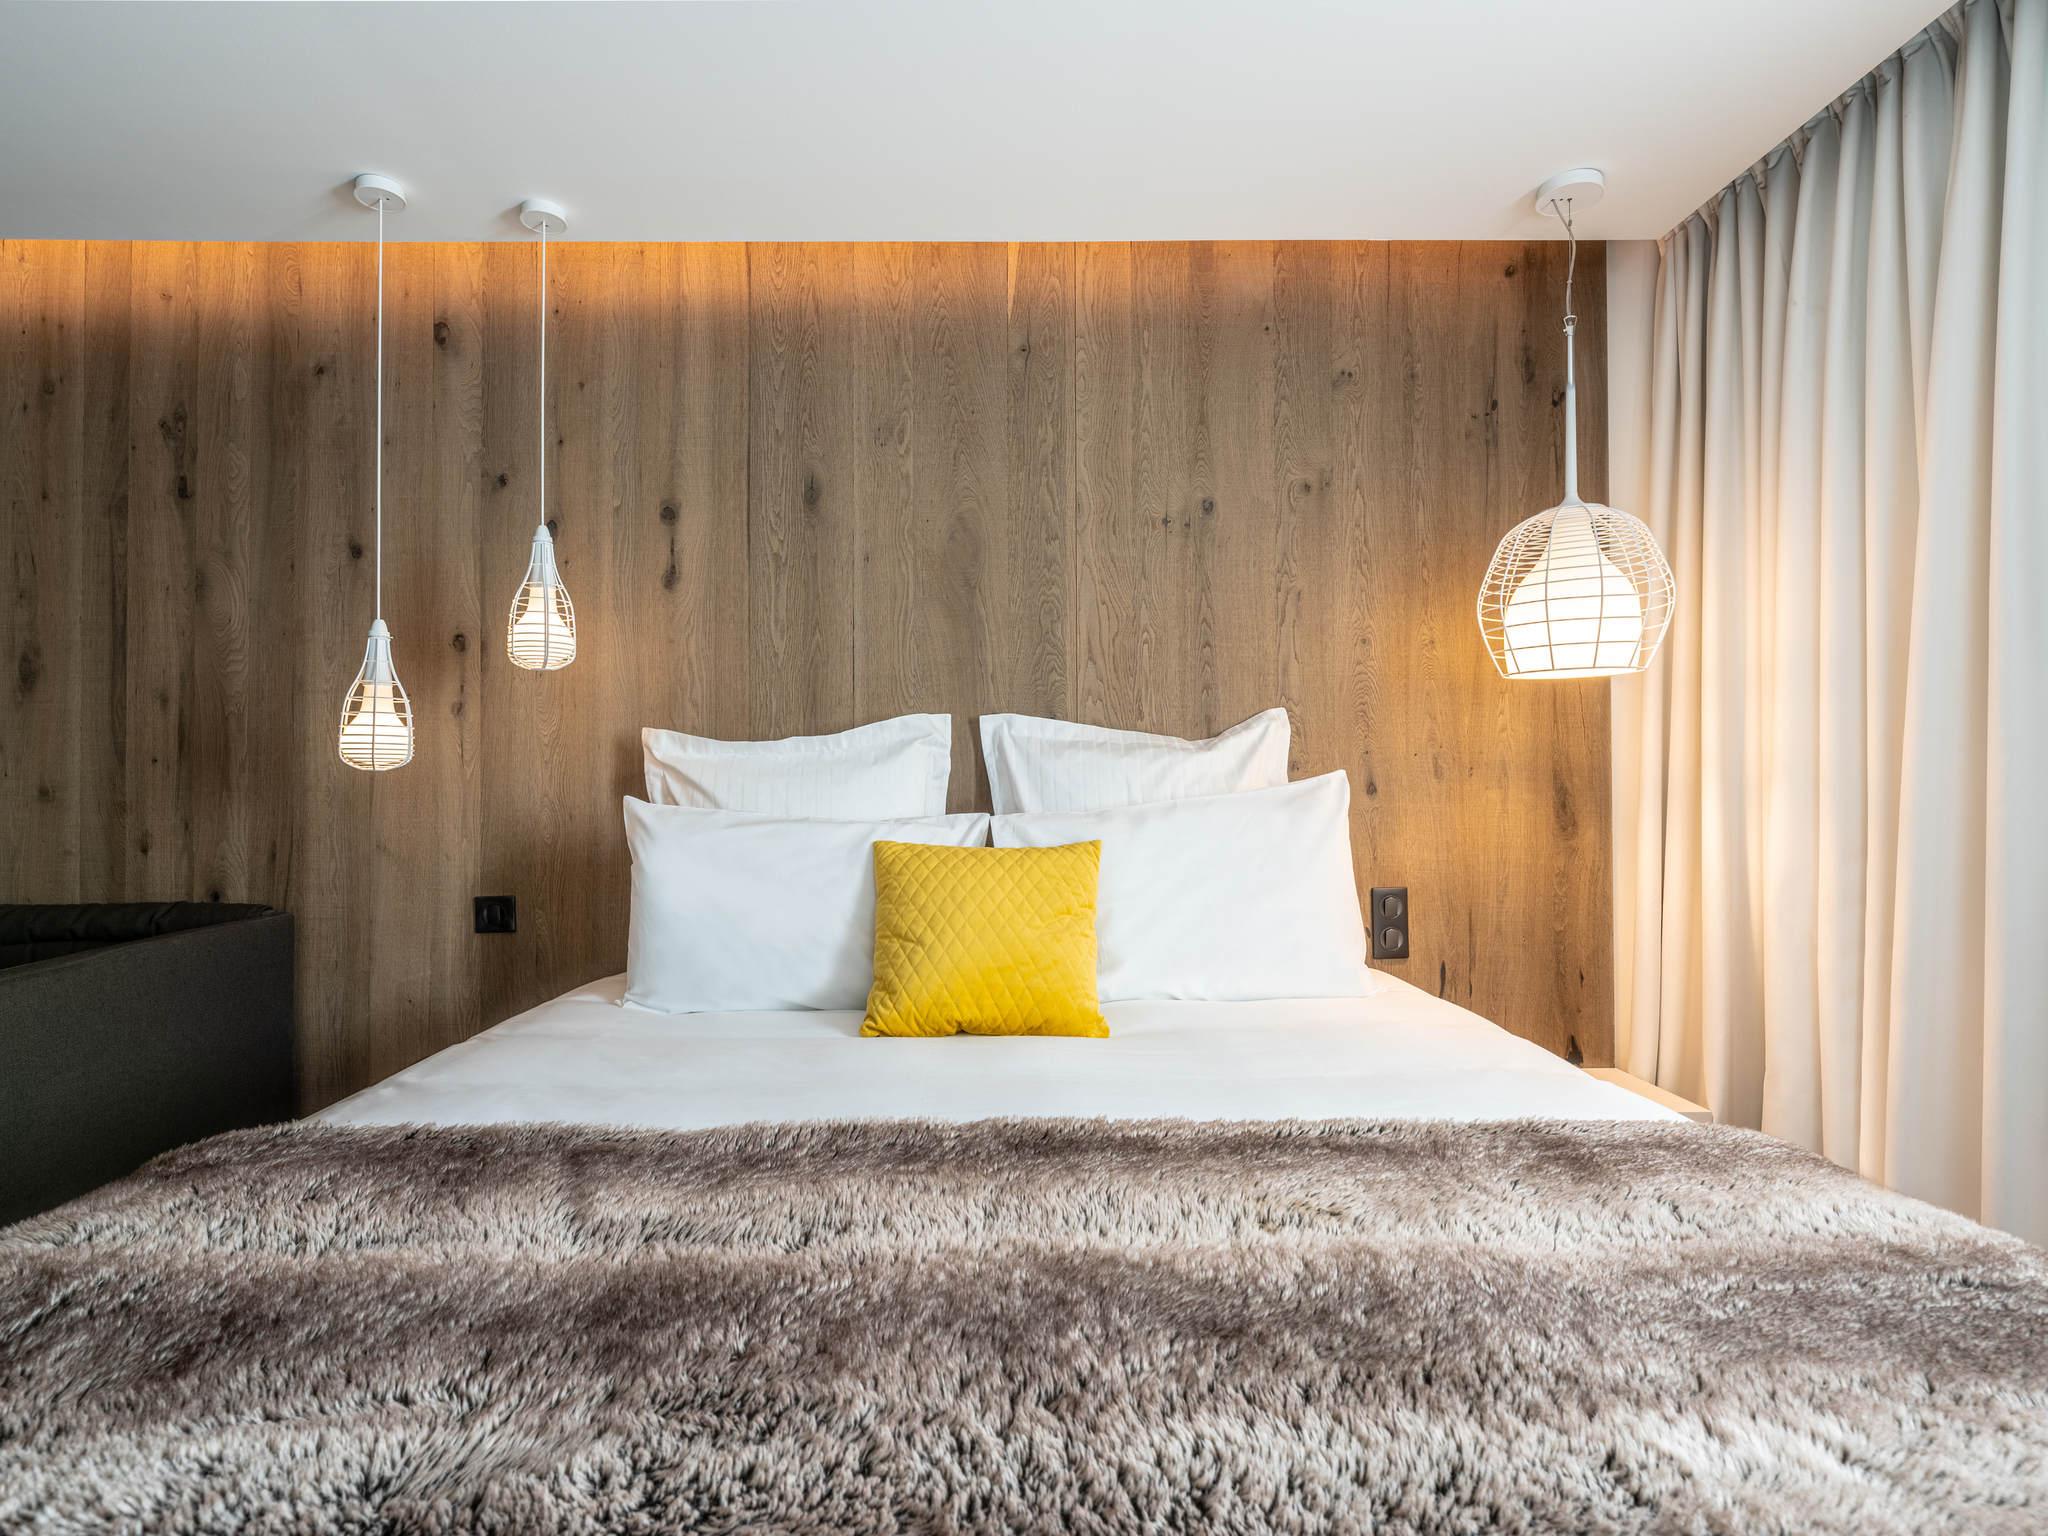 hotel em valence hotel mercure valence sud. Black Bedroom Furniture Sets. Home Design Ideas